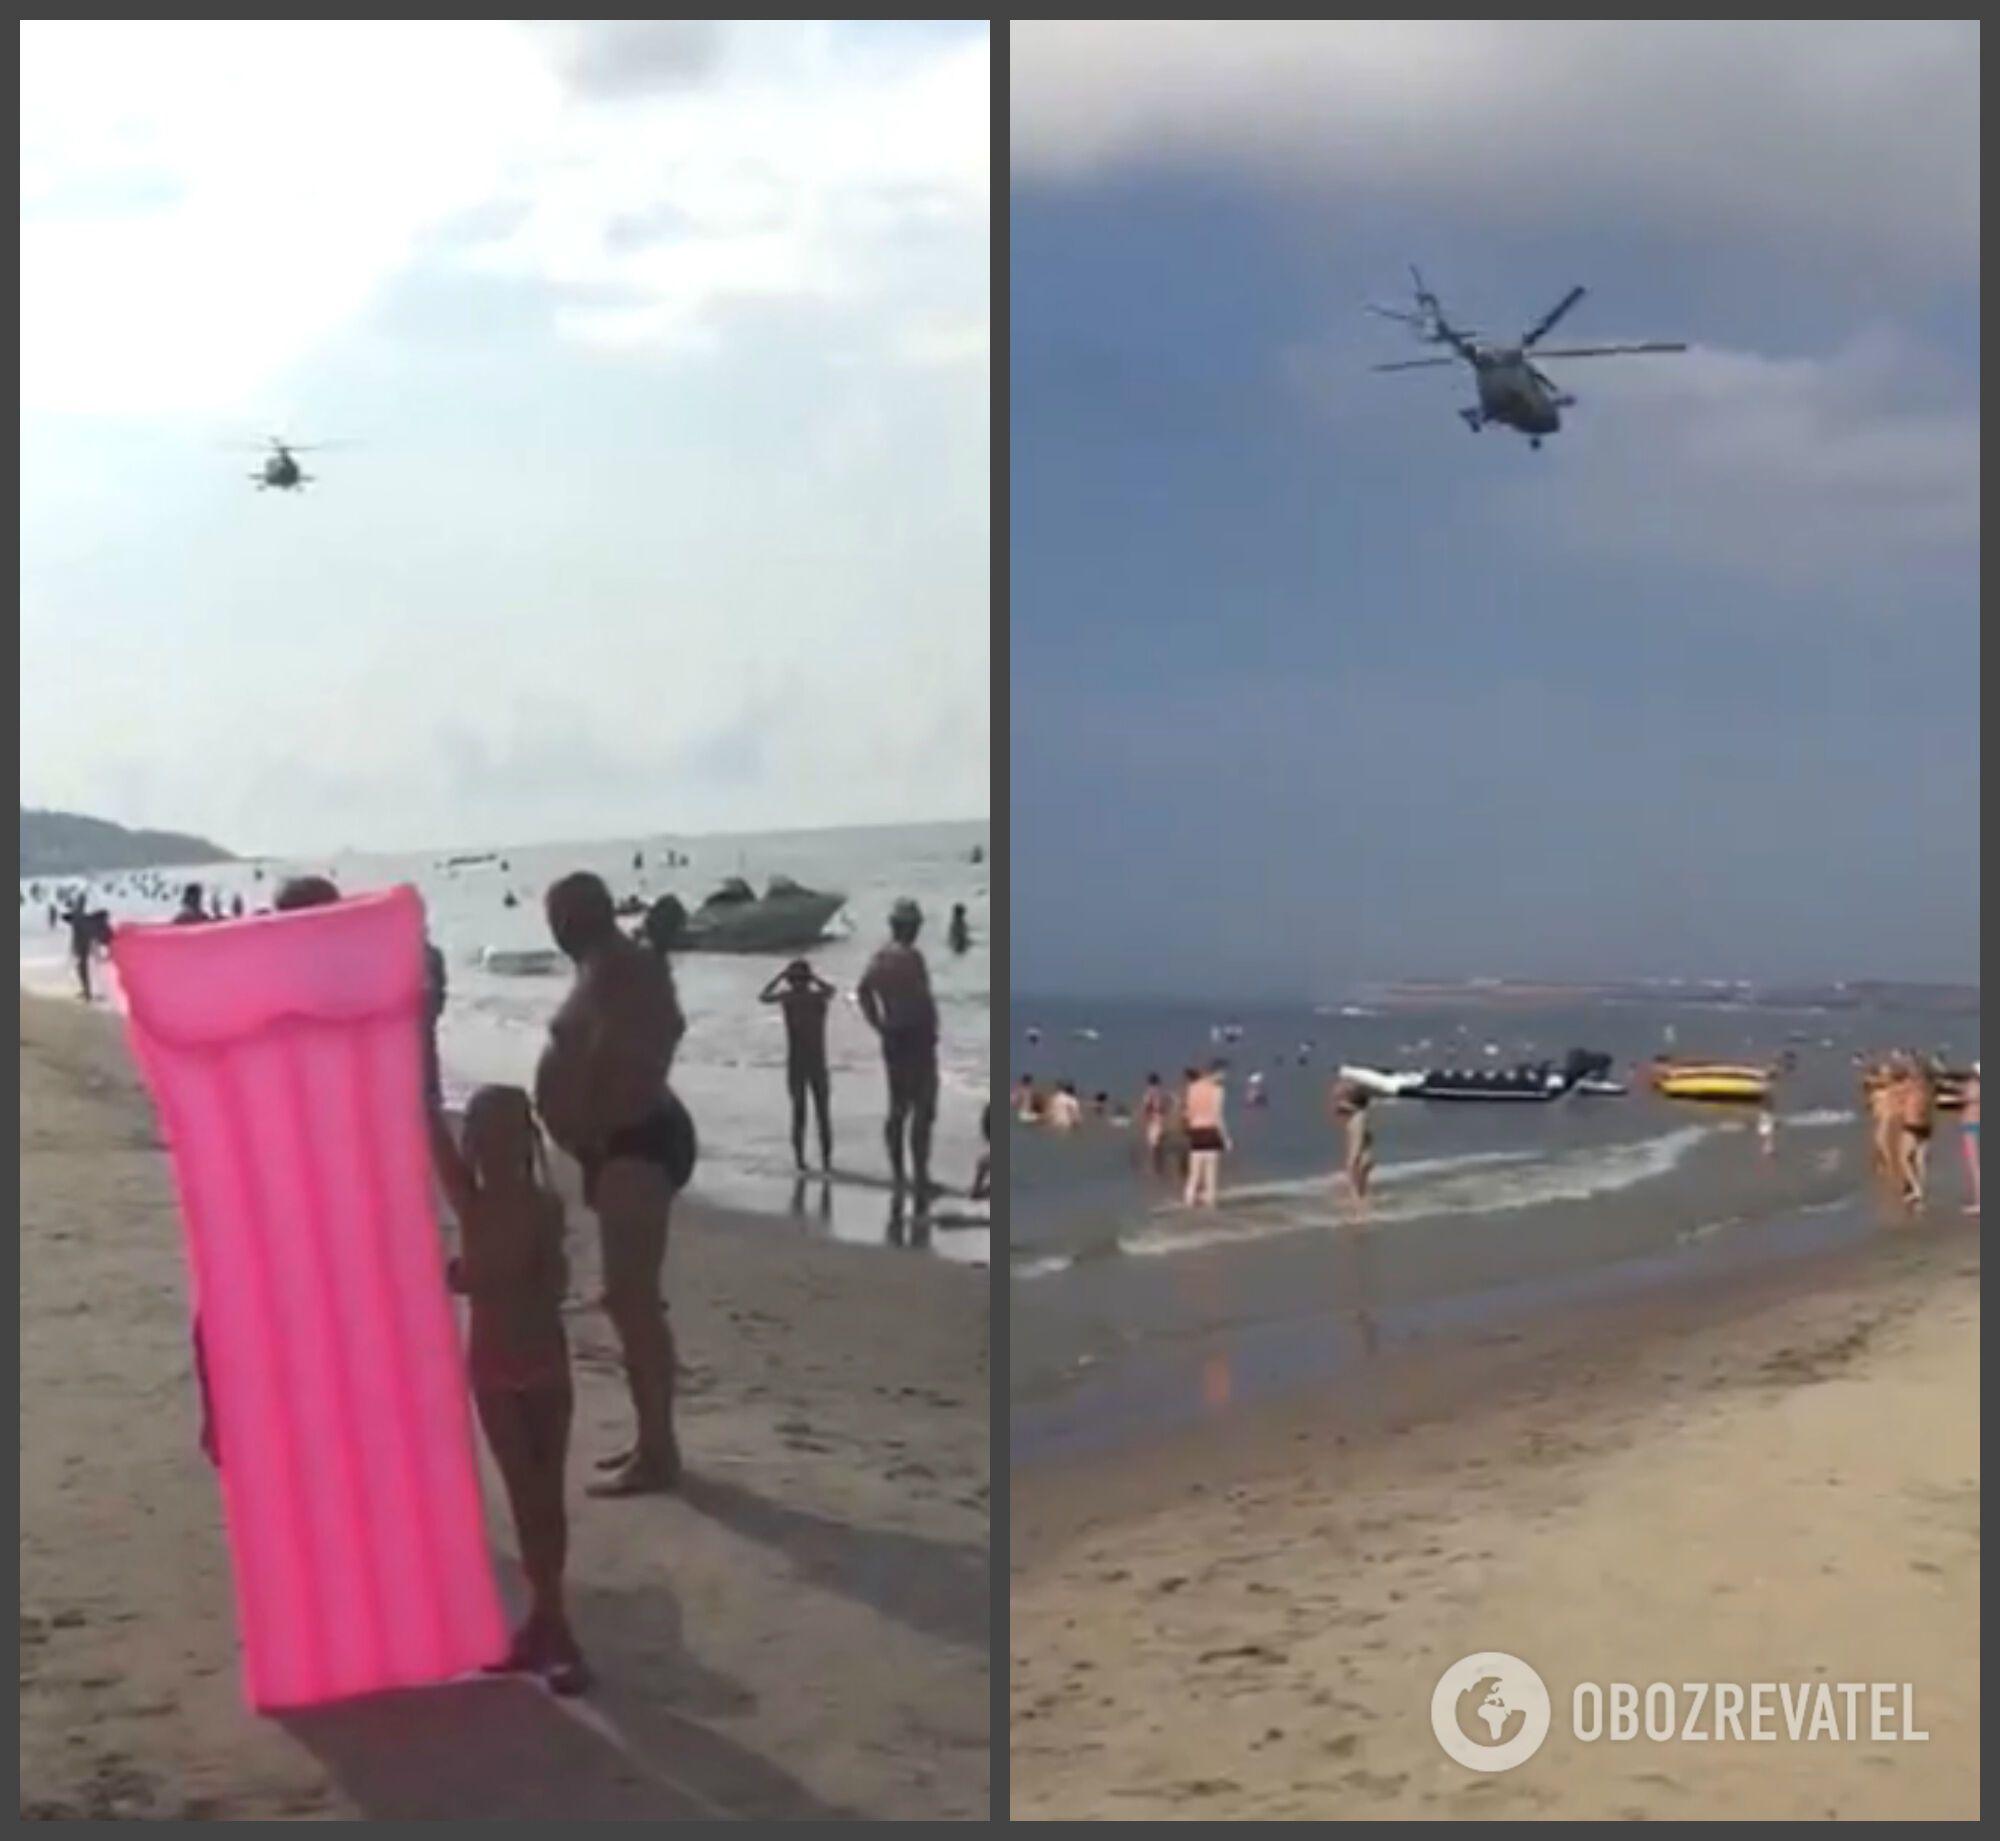 Над украинским пляжем засняли боевой вертолет: эксклюзивное видео